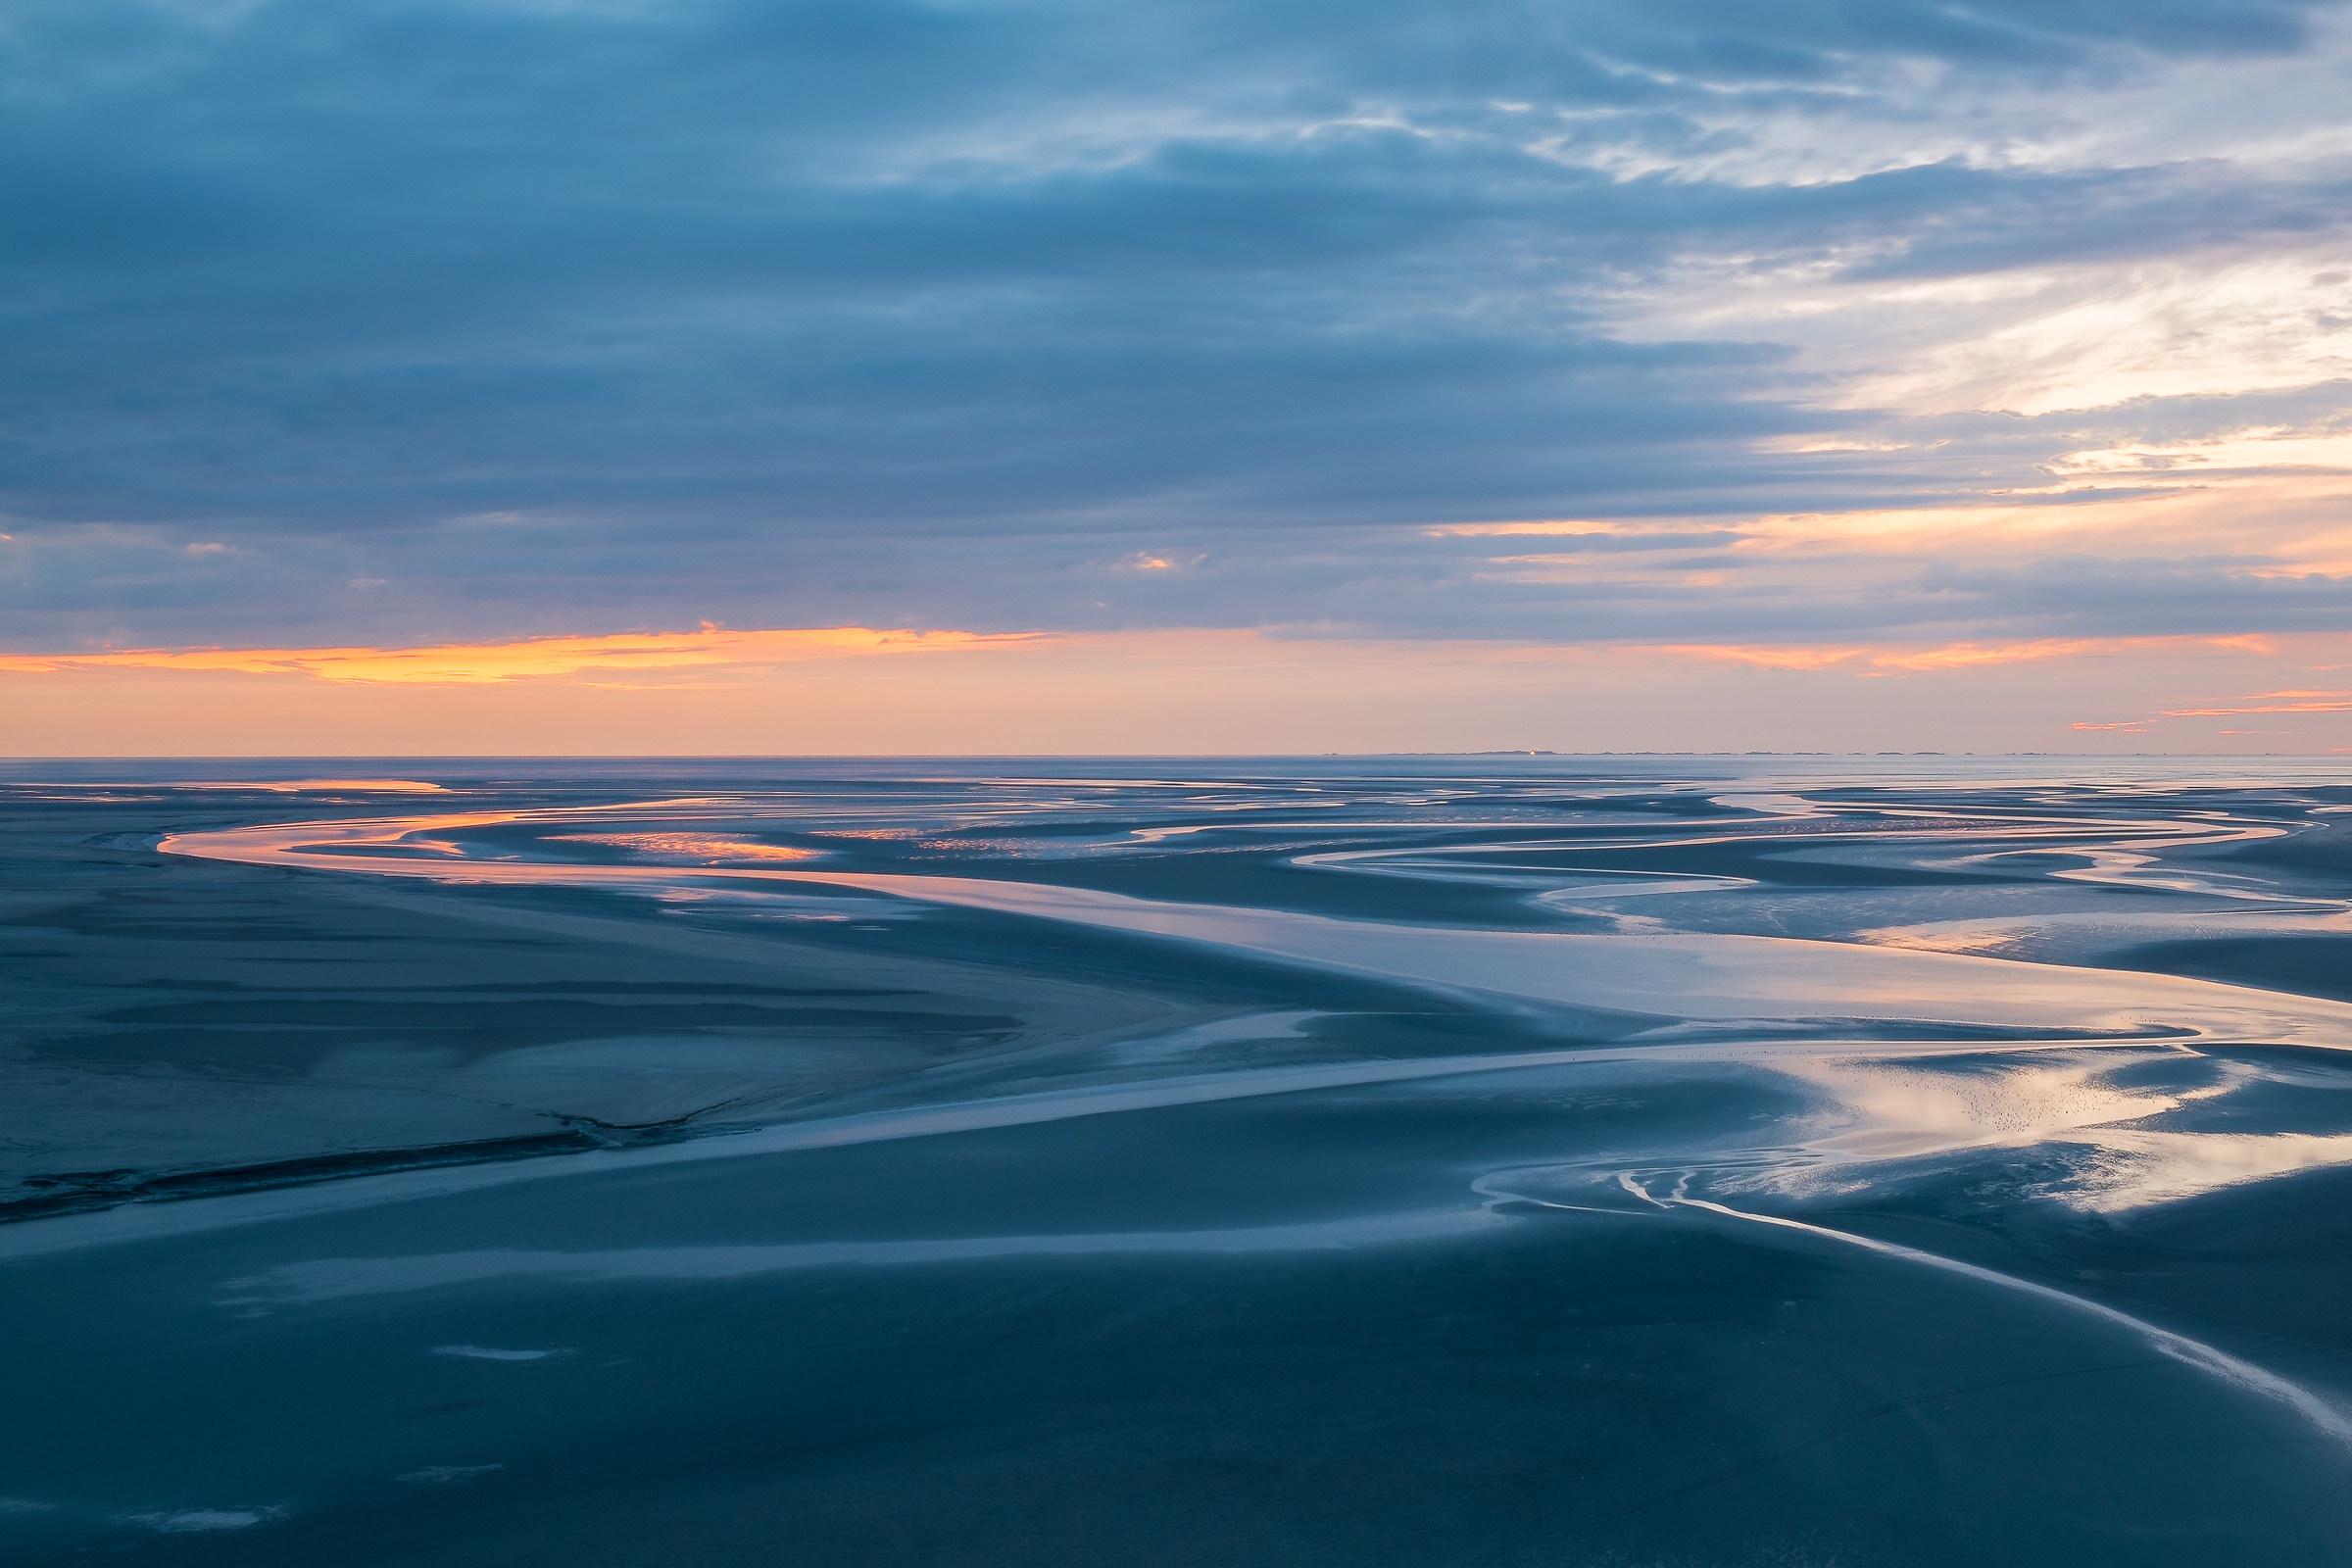 Avanza la marea...